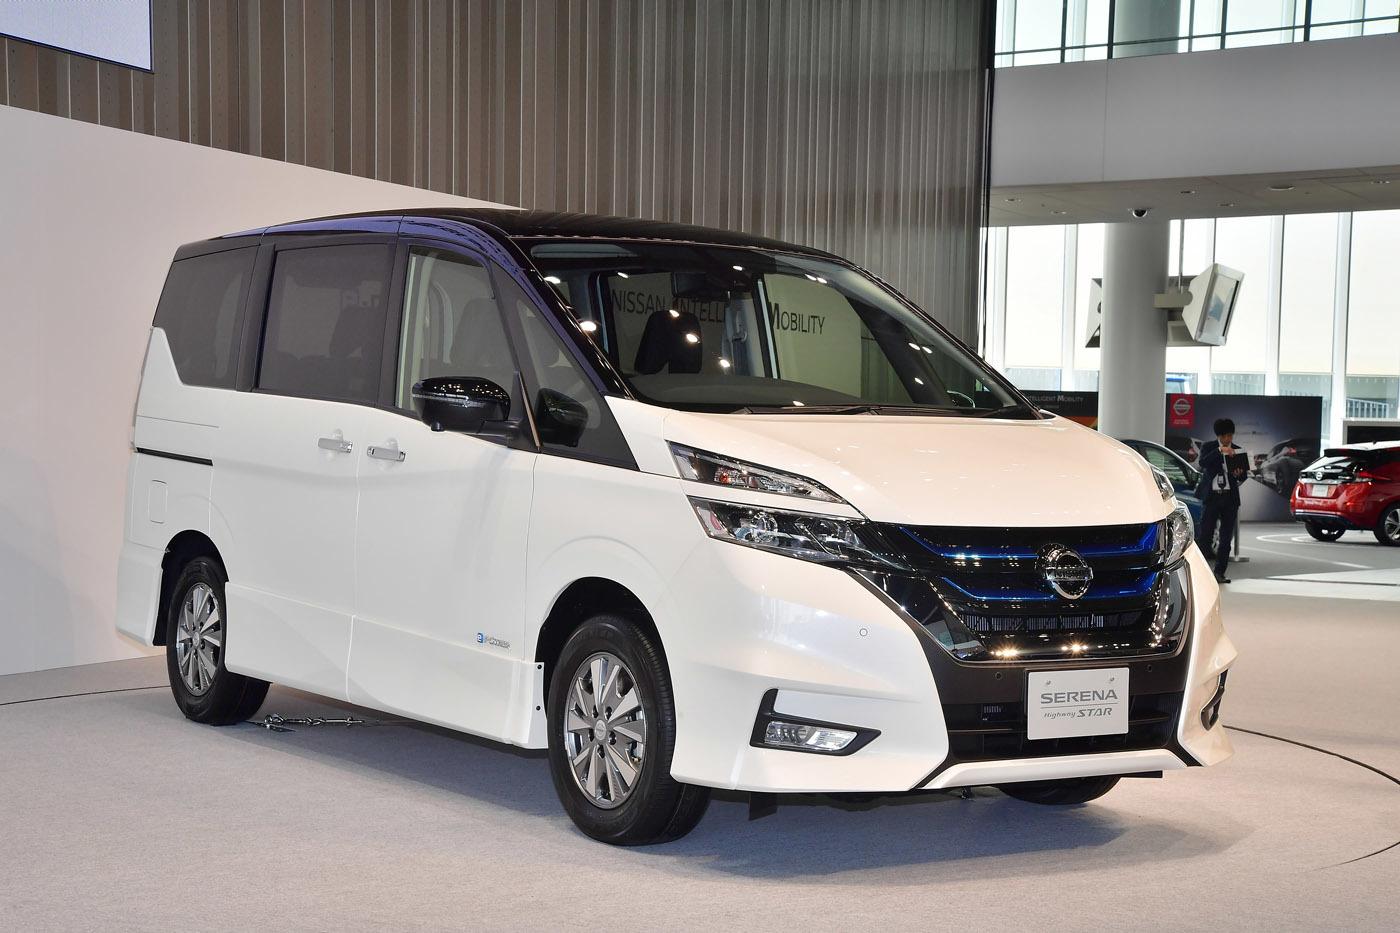 セレナe-POWER。発表会は横浜の日産グローバル本社で実施